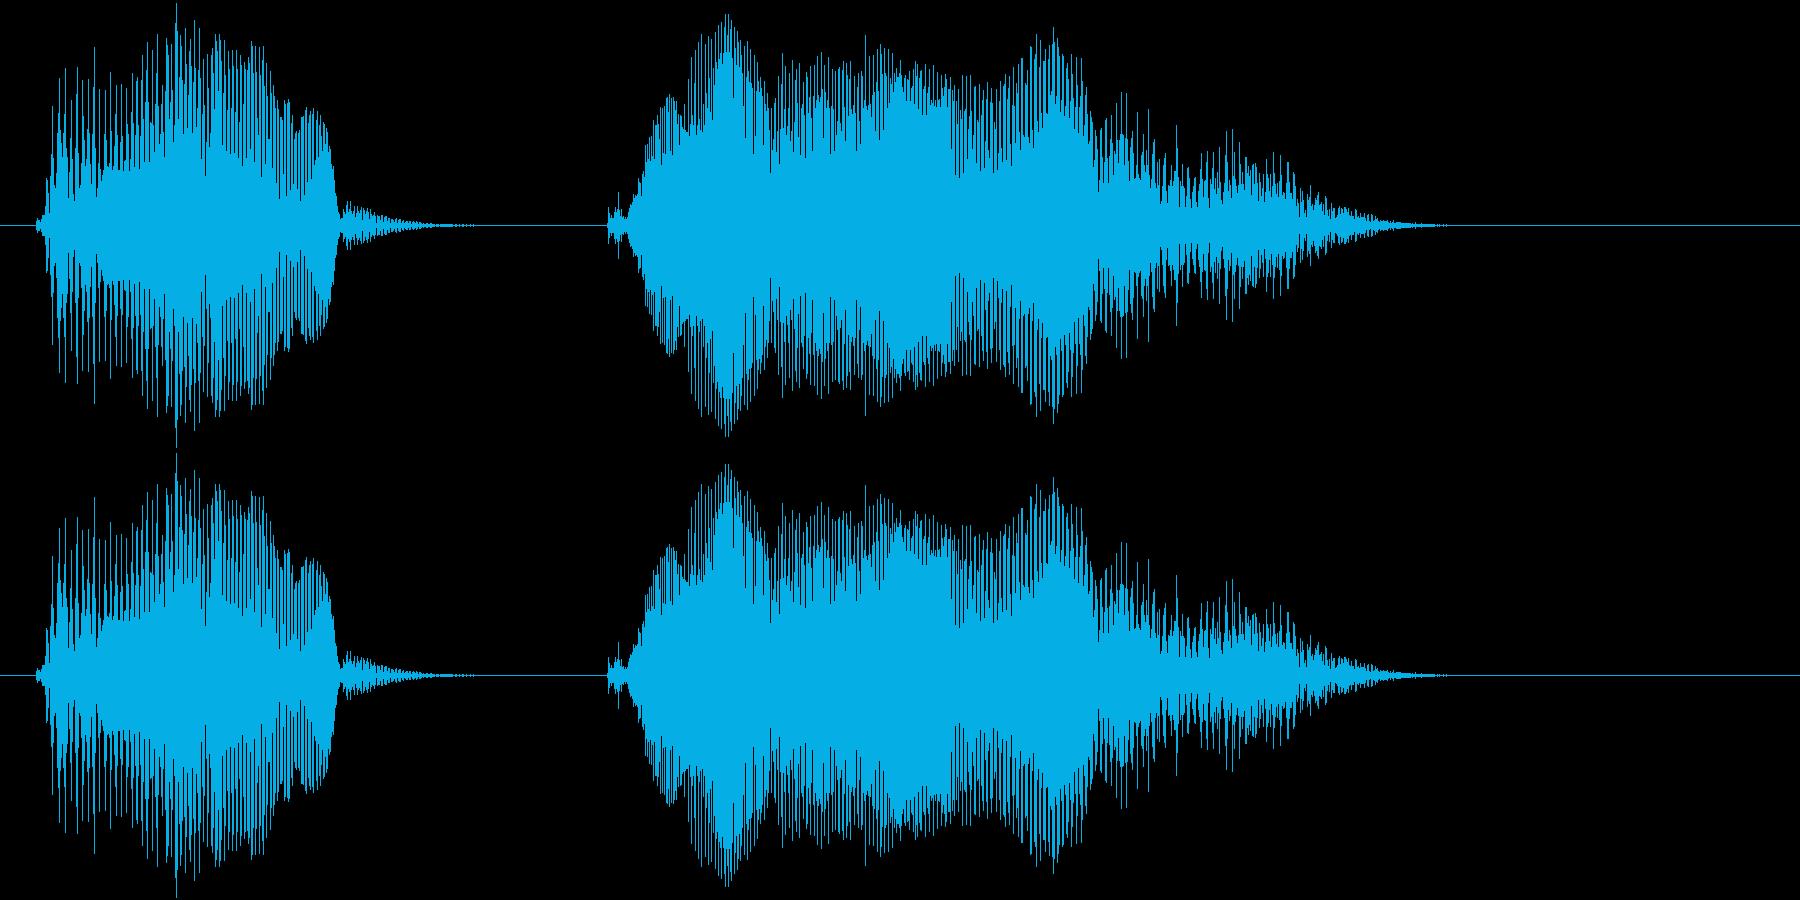 遊技機ゲーム用女性ボイス「オッケー」の再生済みの波形